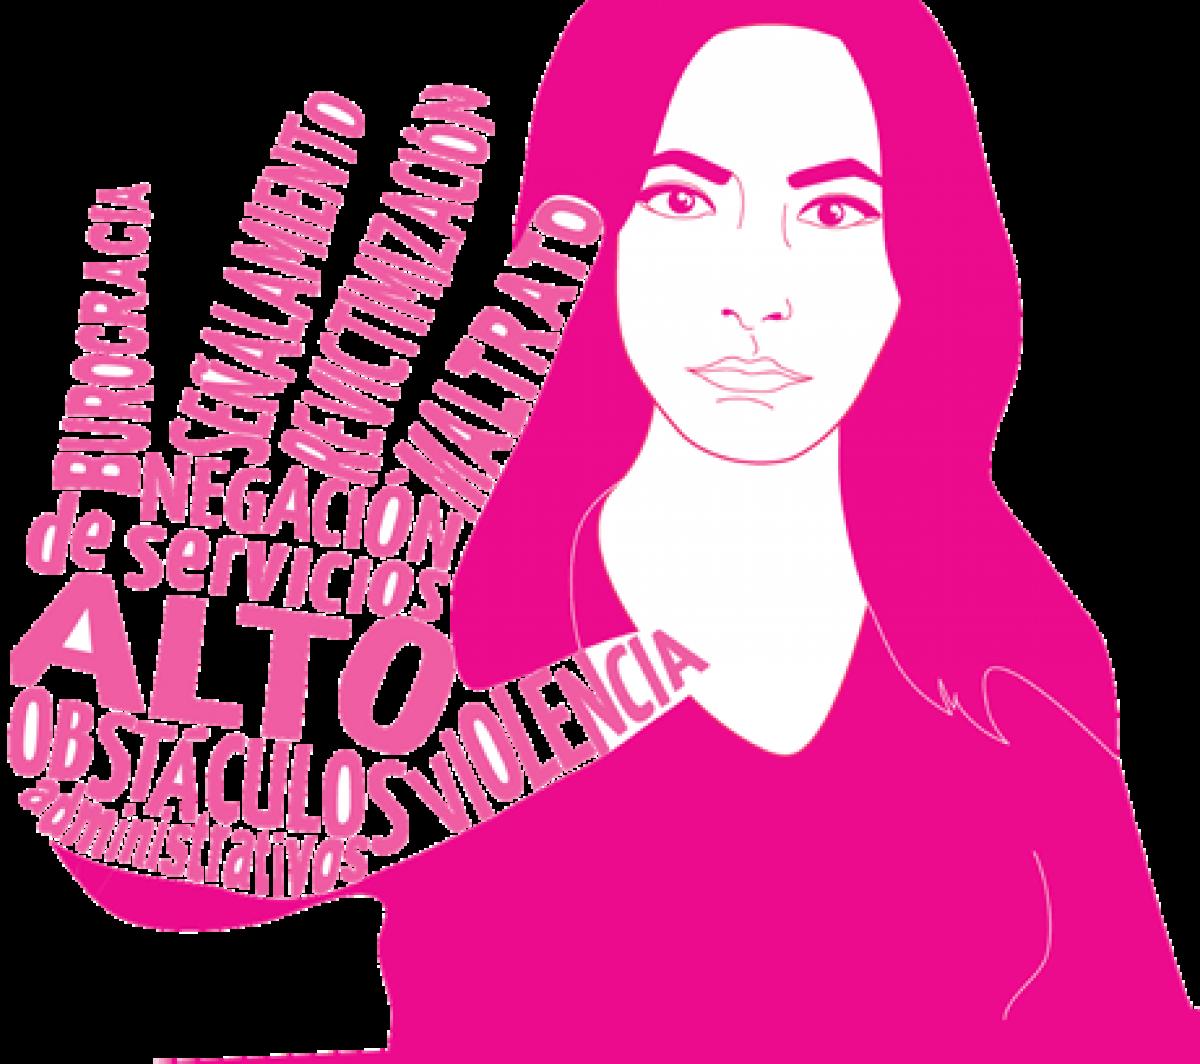 Mayor parte de las mujeres han sufrido de violencia en Coahuila